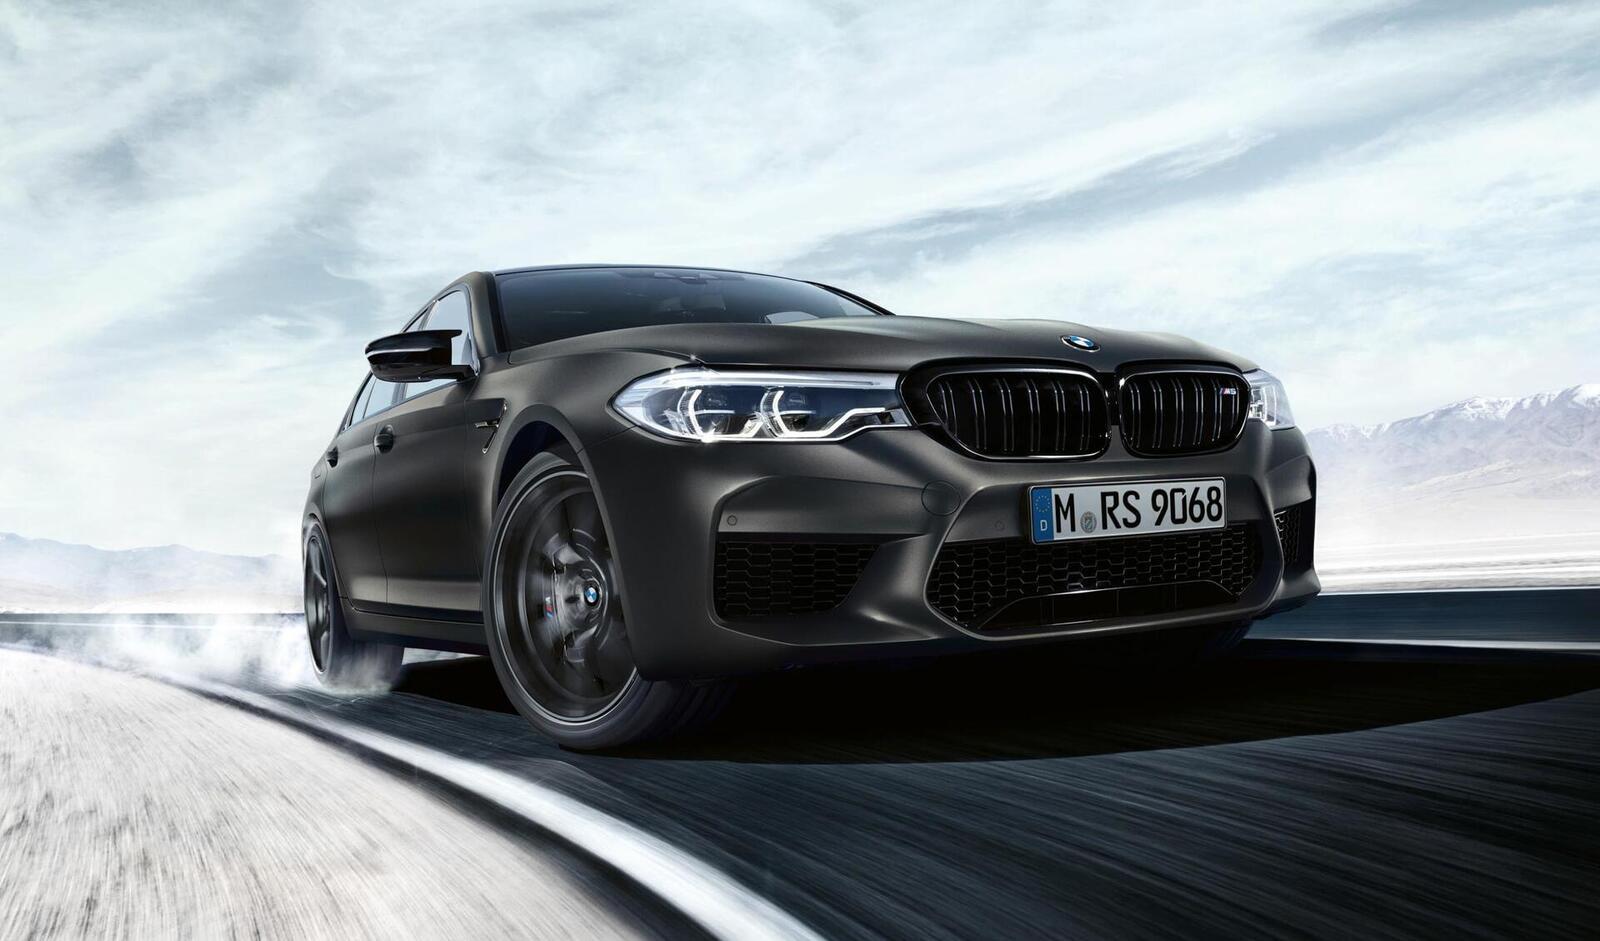 """Phiên bản đặc biệt của BMW tên M5 """"Edition 35 Jahre"""" được sản xuất giới hạn chỉ 350 chiếc - Hình 8"""